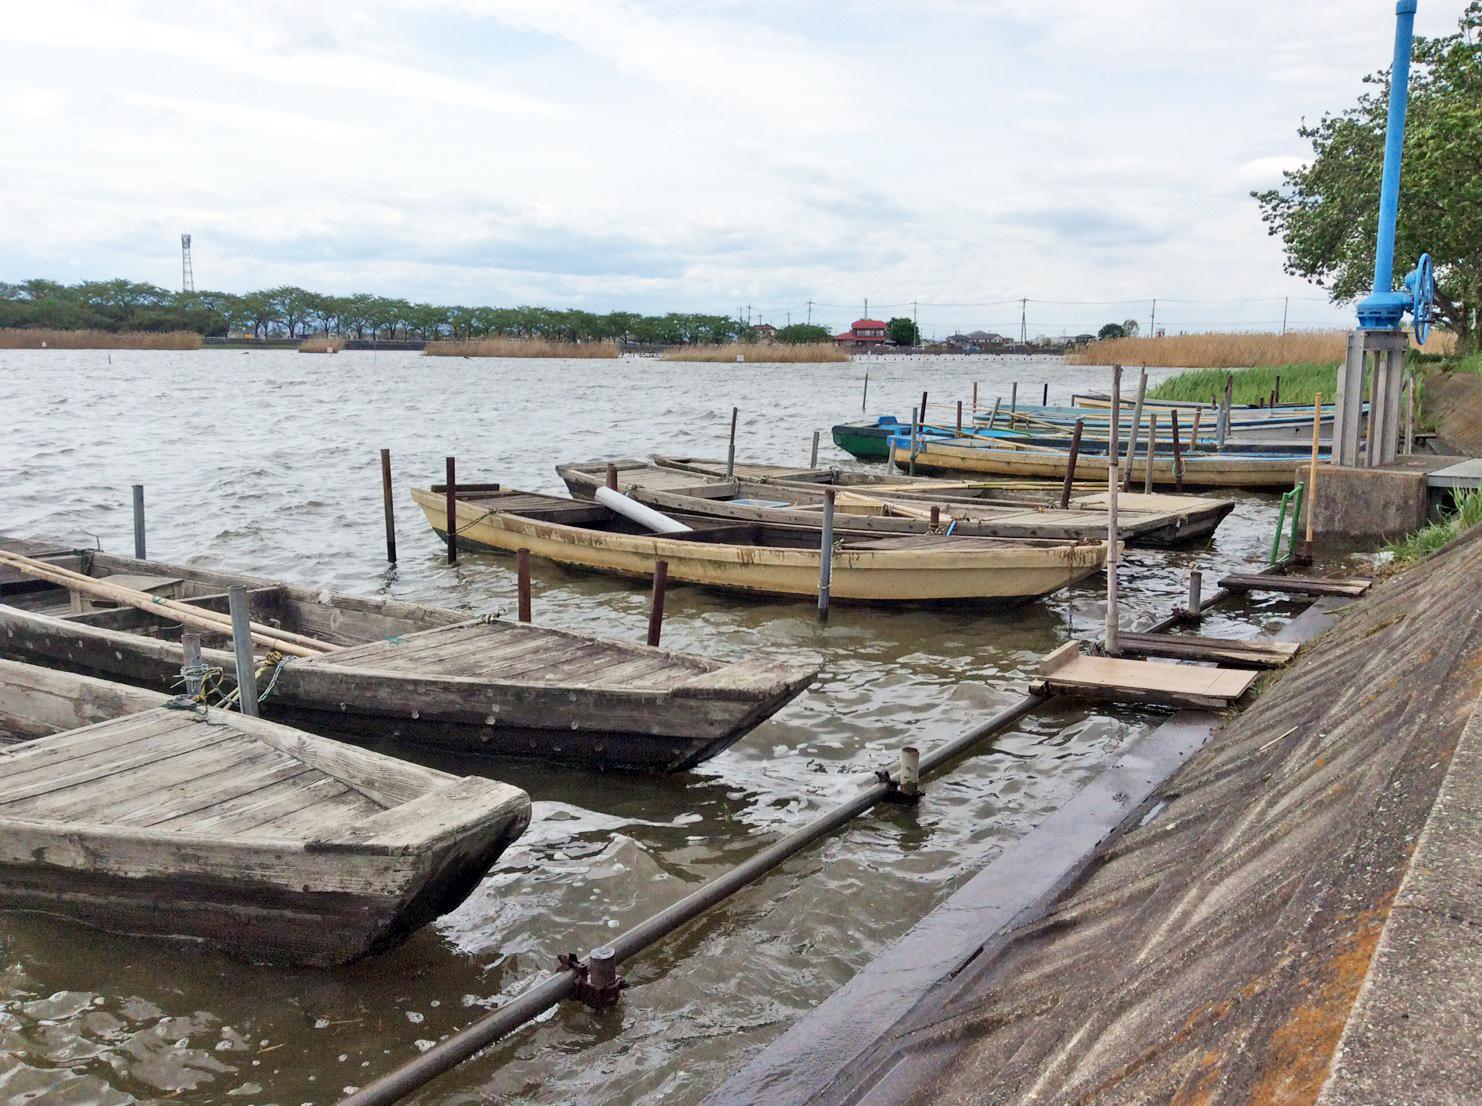 Isanuma old unused boats